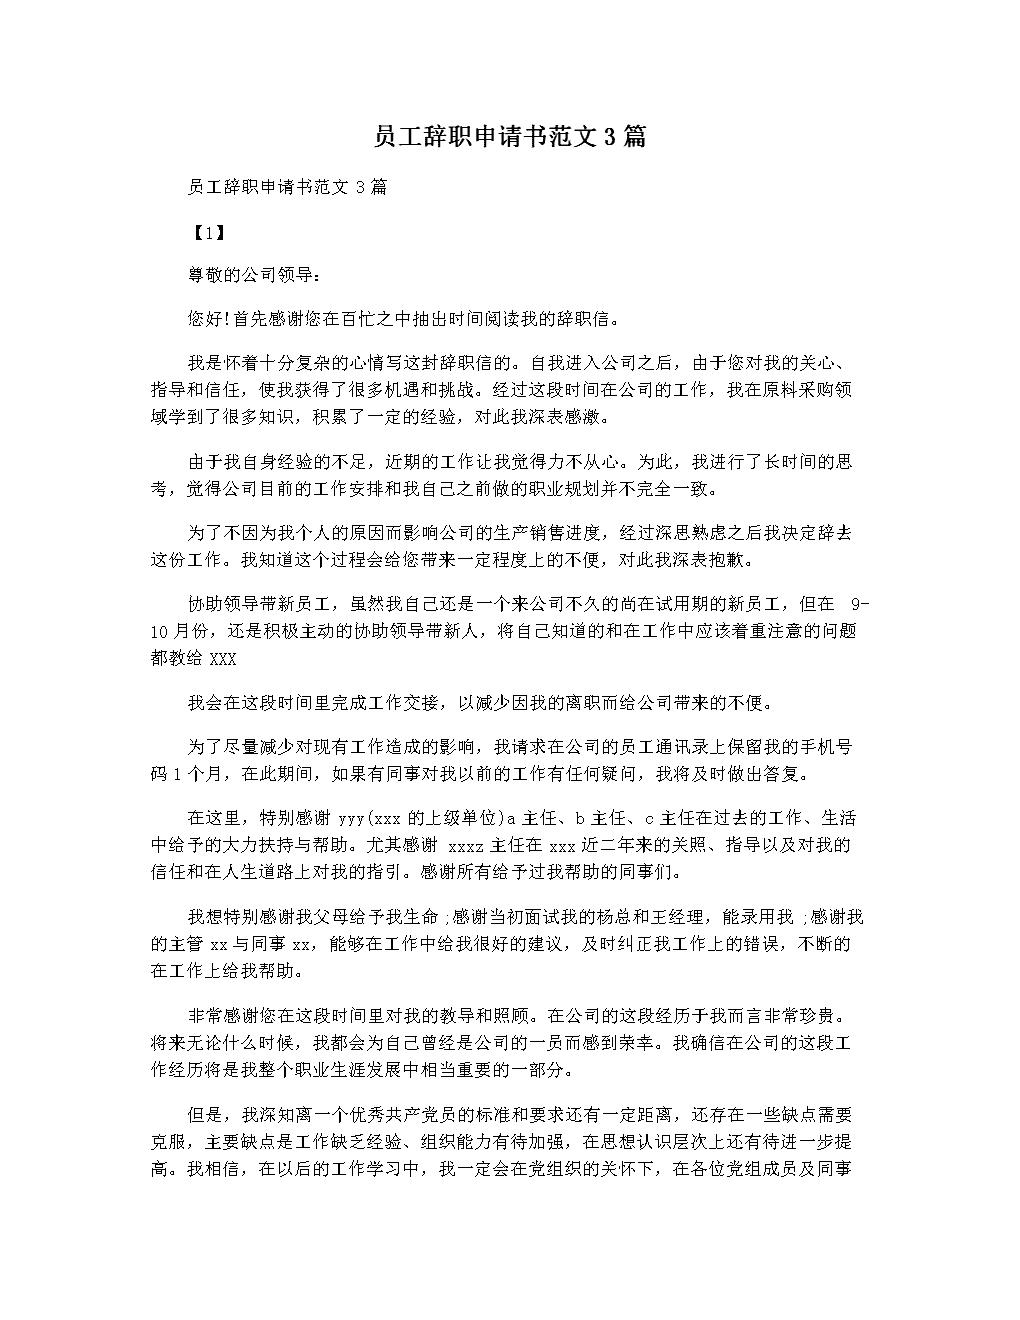 员工辞职申请书范文3篇.docx